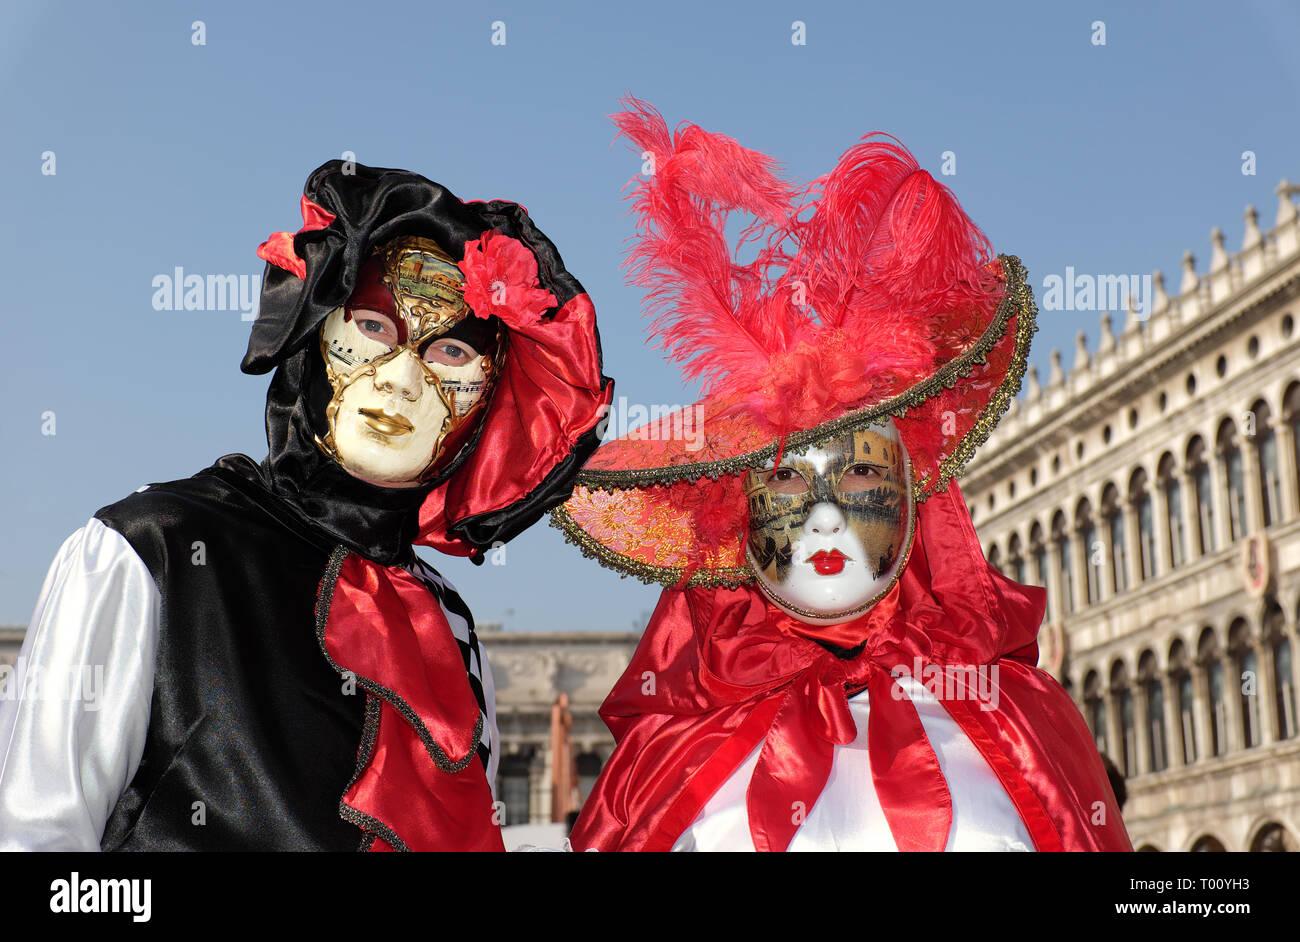 Kostüm paar karneval Partnerkostüme /